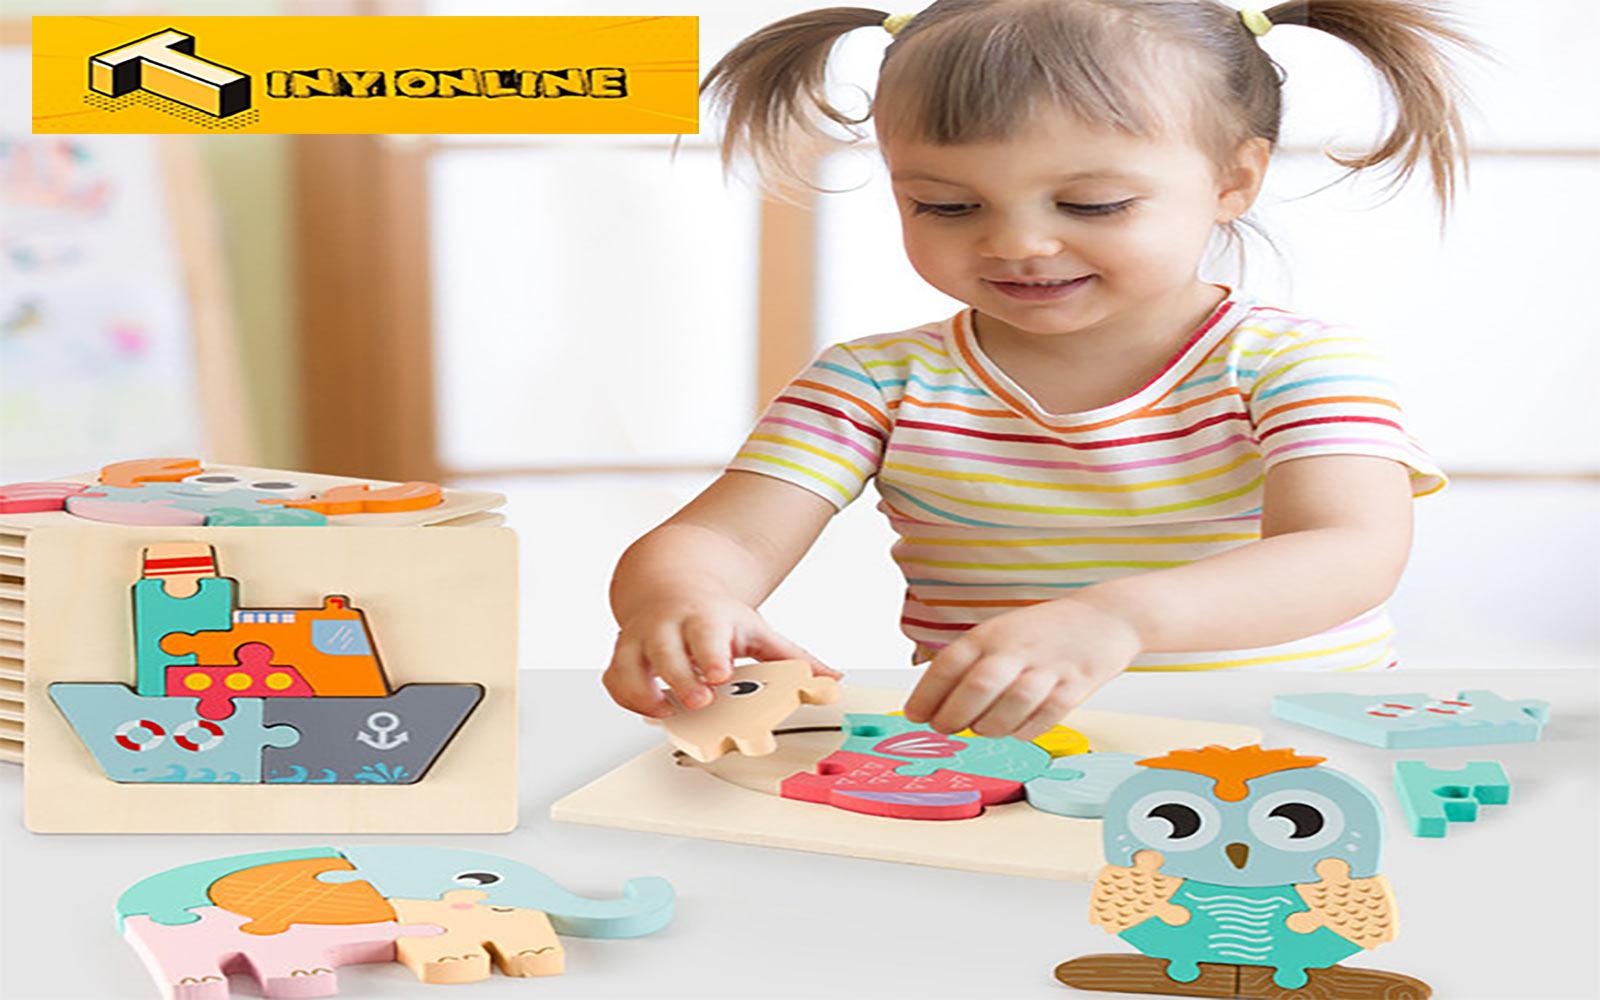 اسباب بازی های مناسب برای تقویت هوش کودک